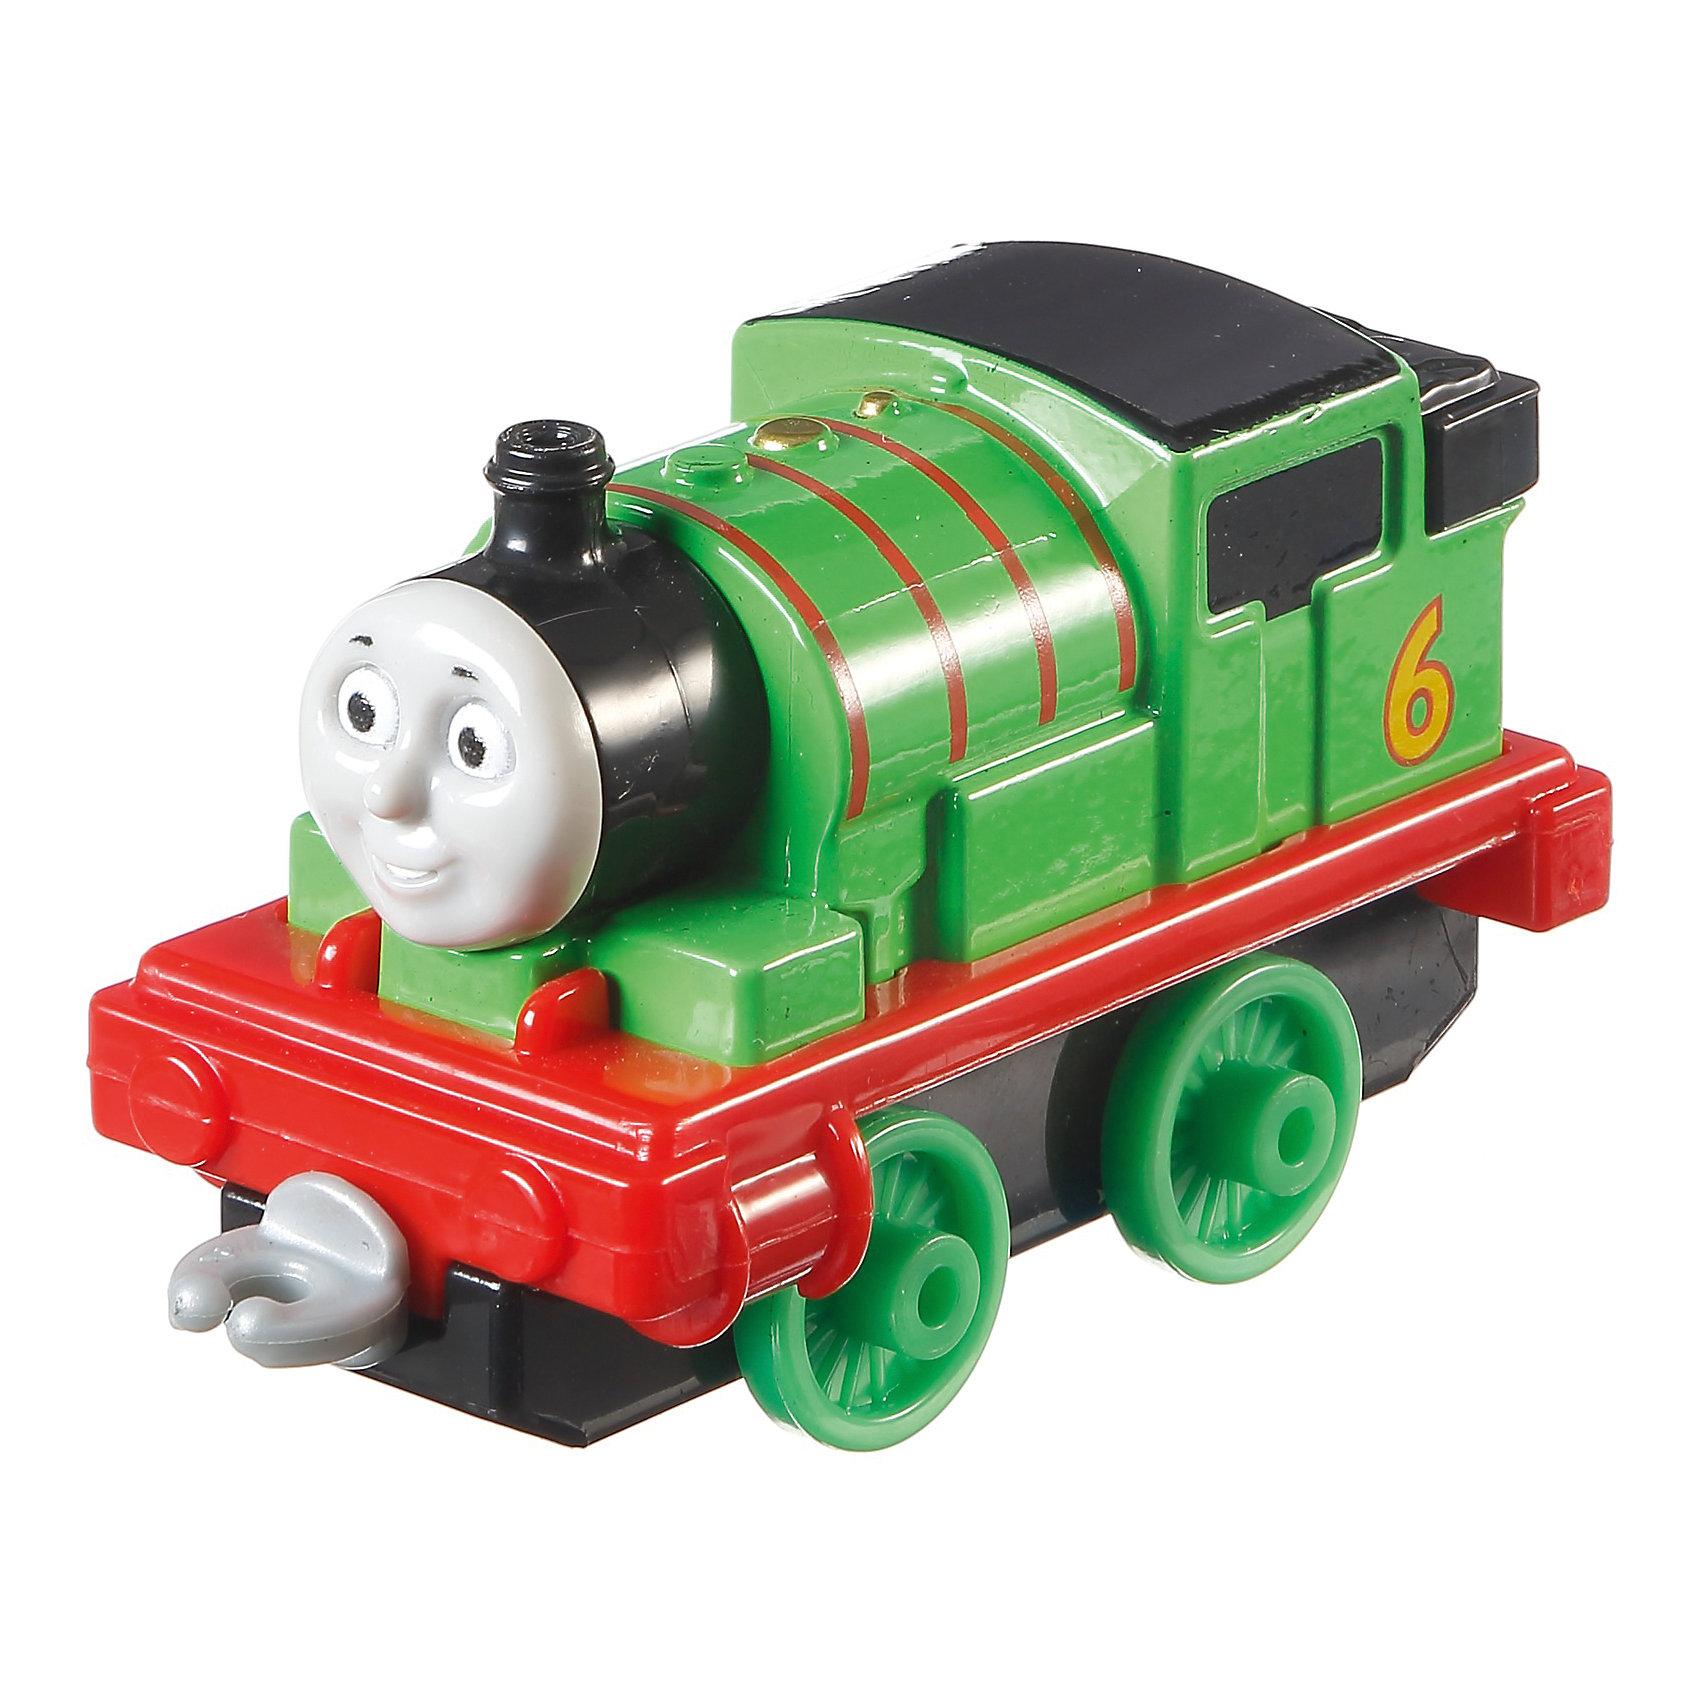 Паровозик Перси Fisher Price, Томас и его друзьяПопулярные игрушки<br>Характеристики:<br><br>• Вид игр: сюжетно-ролевые игры, для коллекционирования<br>• Пол: универсальный<br>• Материал: металл, пластик<br>• Цвет: зеленый, красный, черный<br>• Длина паровозика: 7,5 см<br>• Размер (Д*Ш*В): 13*3,5*11,5 см<br>• Вес: 100 г<br>• Наличие крепления для других вагончиков<br>• Наличие вращающихся колес<br>• Серия: Collectible Railway<br><br>Паровозик Перси, Fisher Price, Томас и его друзья – это паровозик от Mattel серии Collectible Railway. Выполненная по мотивам популярного среди детей мультсериала о друзьях - паровозиках игрушка отличается высокой степенью детализации и соответствия своему экранному прототипу. Корпус паровозика металлический с элементами из пластика повышенной прочности. У игрушки имеются крепления, к которым можно присоединять другие паровозики или вагончики. Коллекция паровозиков от Fisher Price, Томас и его друзья доставит много радости маленькому любителю сериала Томас и его друзья, а сюжетно-ролевые игры с паровозиками будут способствовать развитию воображения, фантазии, увеличат словарный запас вашего ребенка и расширят его кругозор!<br><br>Паровозик Перси, Fisher Price, Томас и его друзья можно купить в нашем интернет-магазине.<br><br>Ширина мм: 115<br>Глубина мм: 130<br>Высота мм: 35<br>Вес г: 71<br>Возраст от месяцев: 36<br>Возраст до месяцев: 72<br>Пол: Мужской<br>Возраст: Детский<br>SKU: 4641283